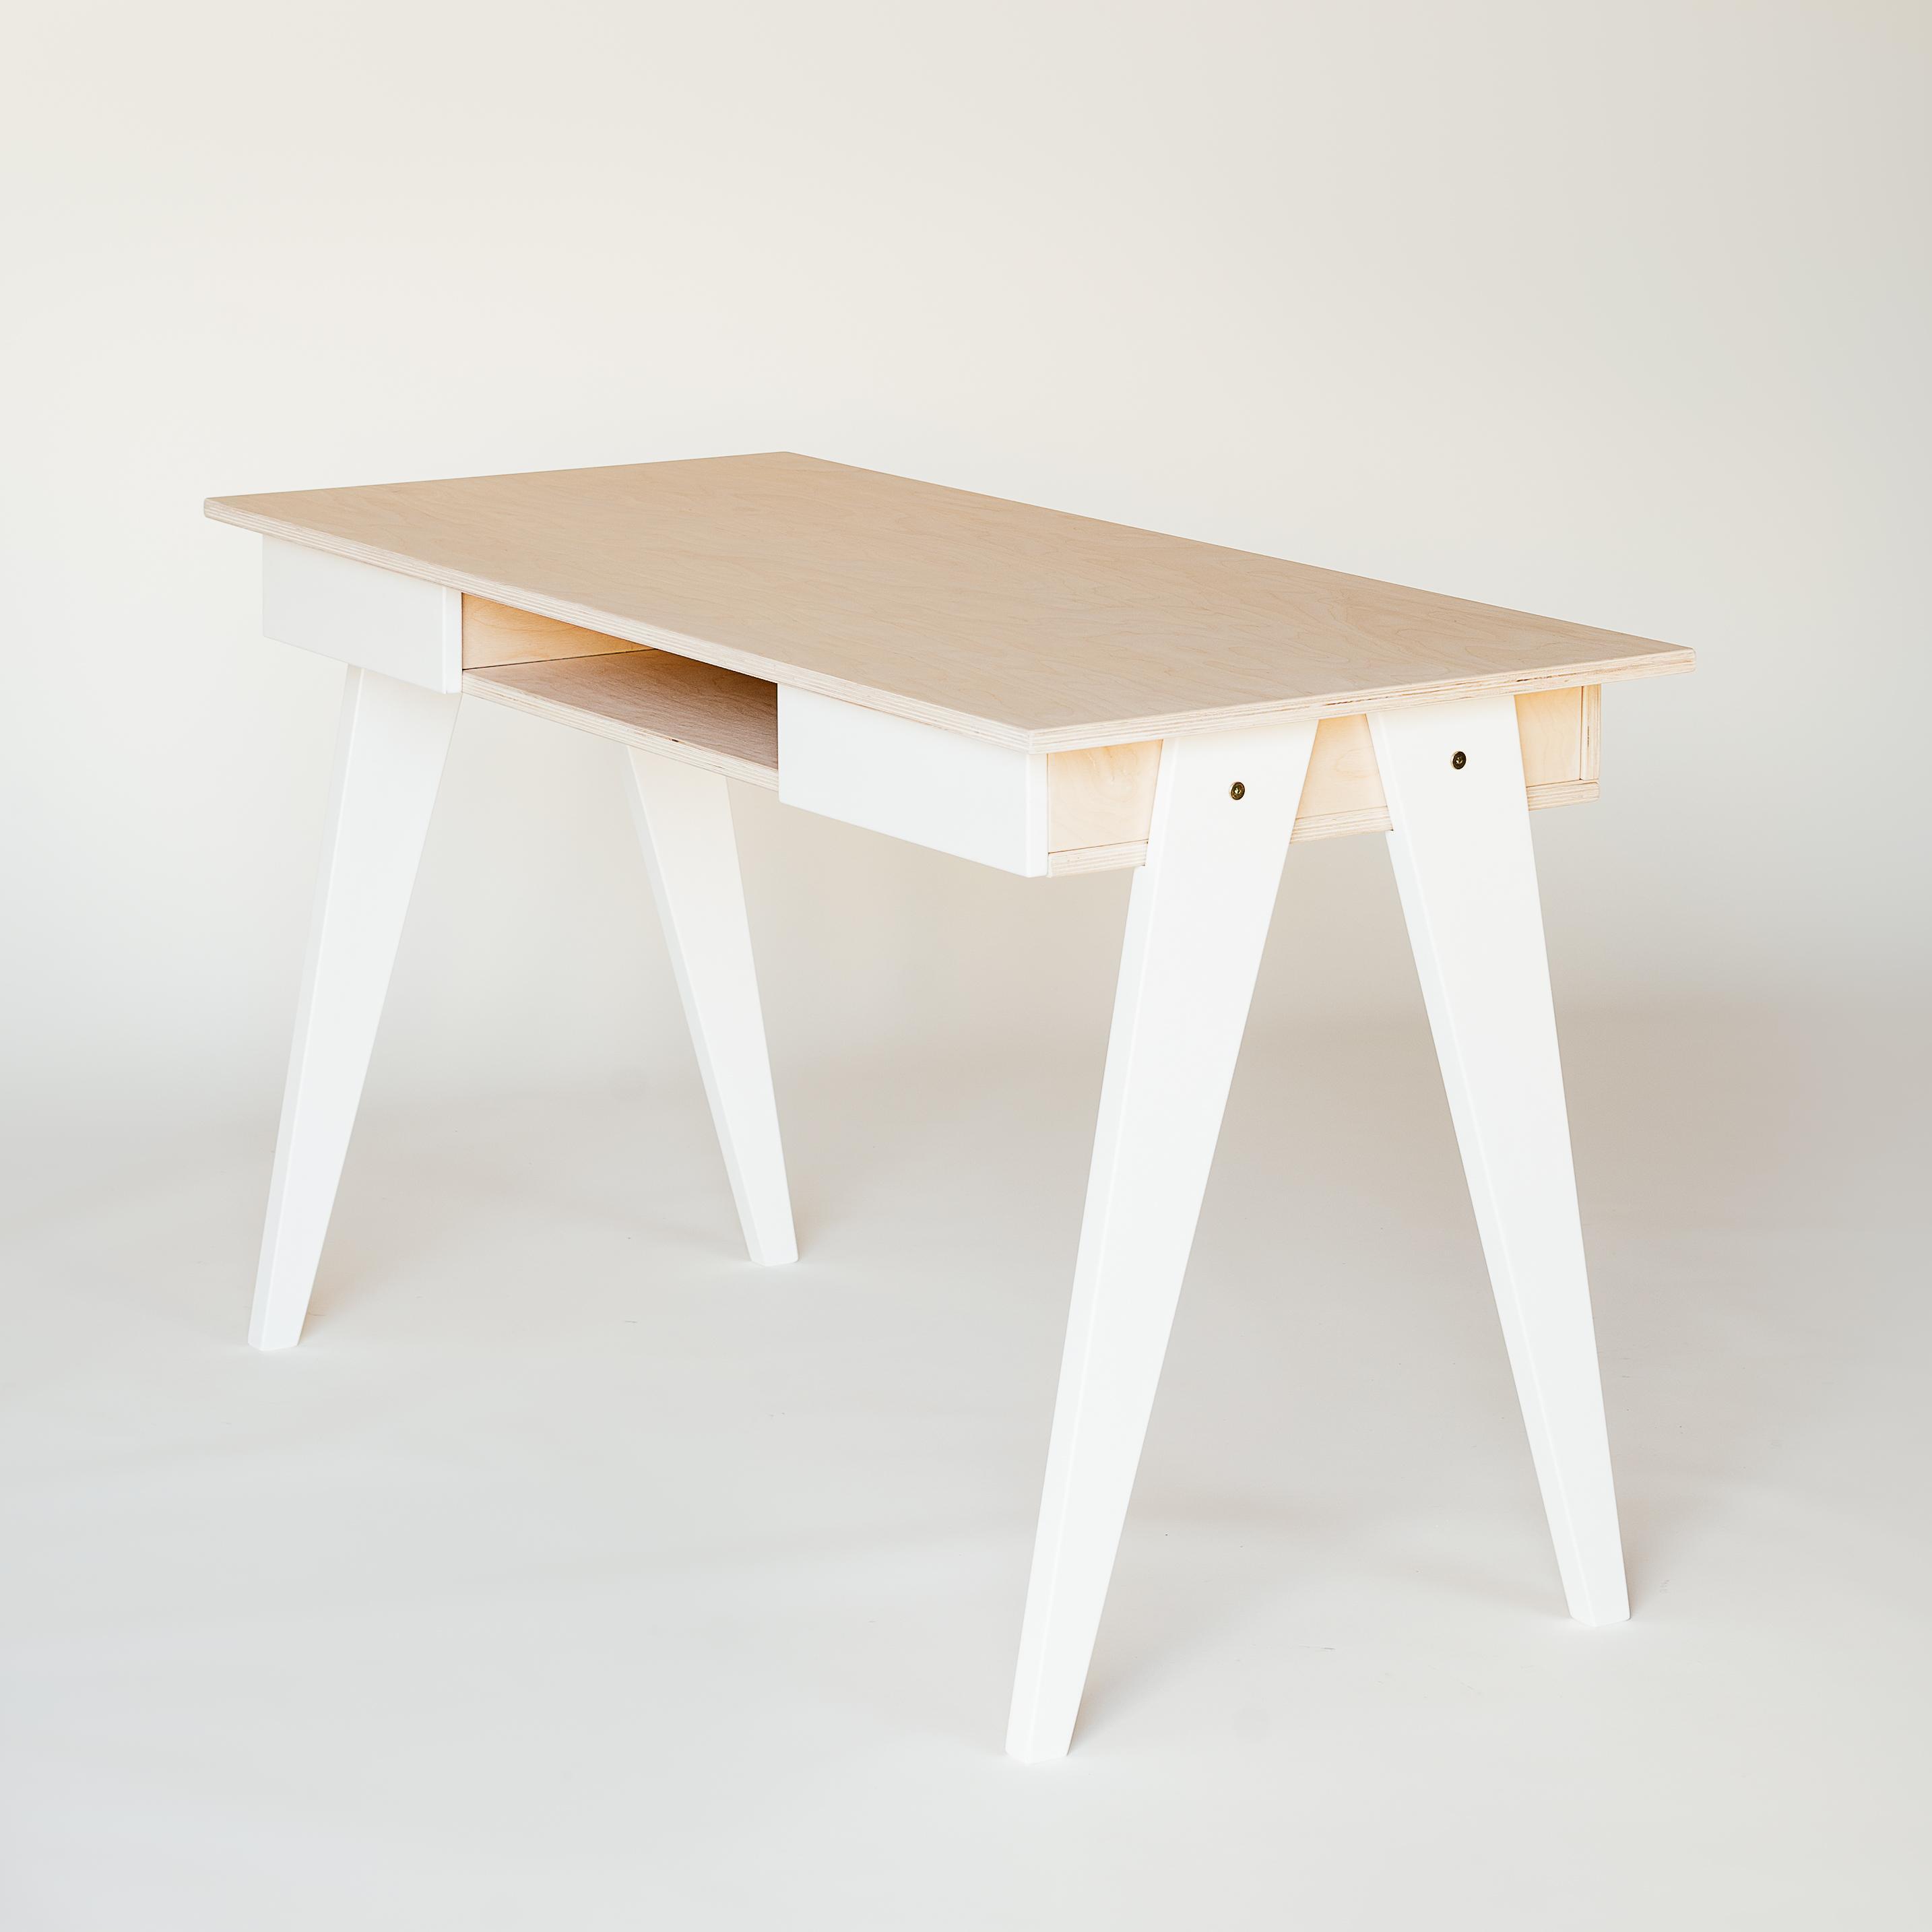 Schreibtisch holz weiß  Schreibtisch-Bürotisch aus Holz